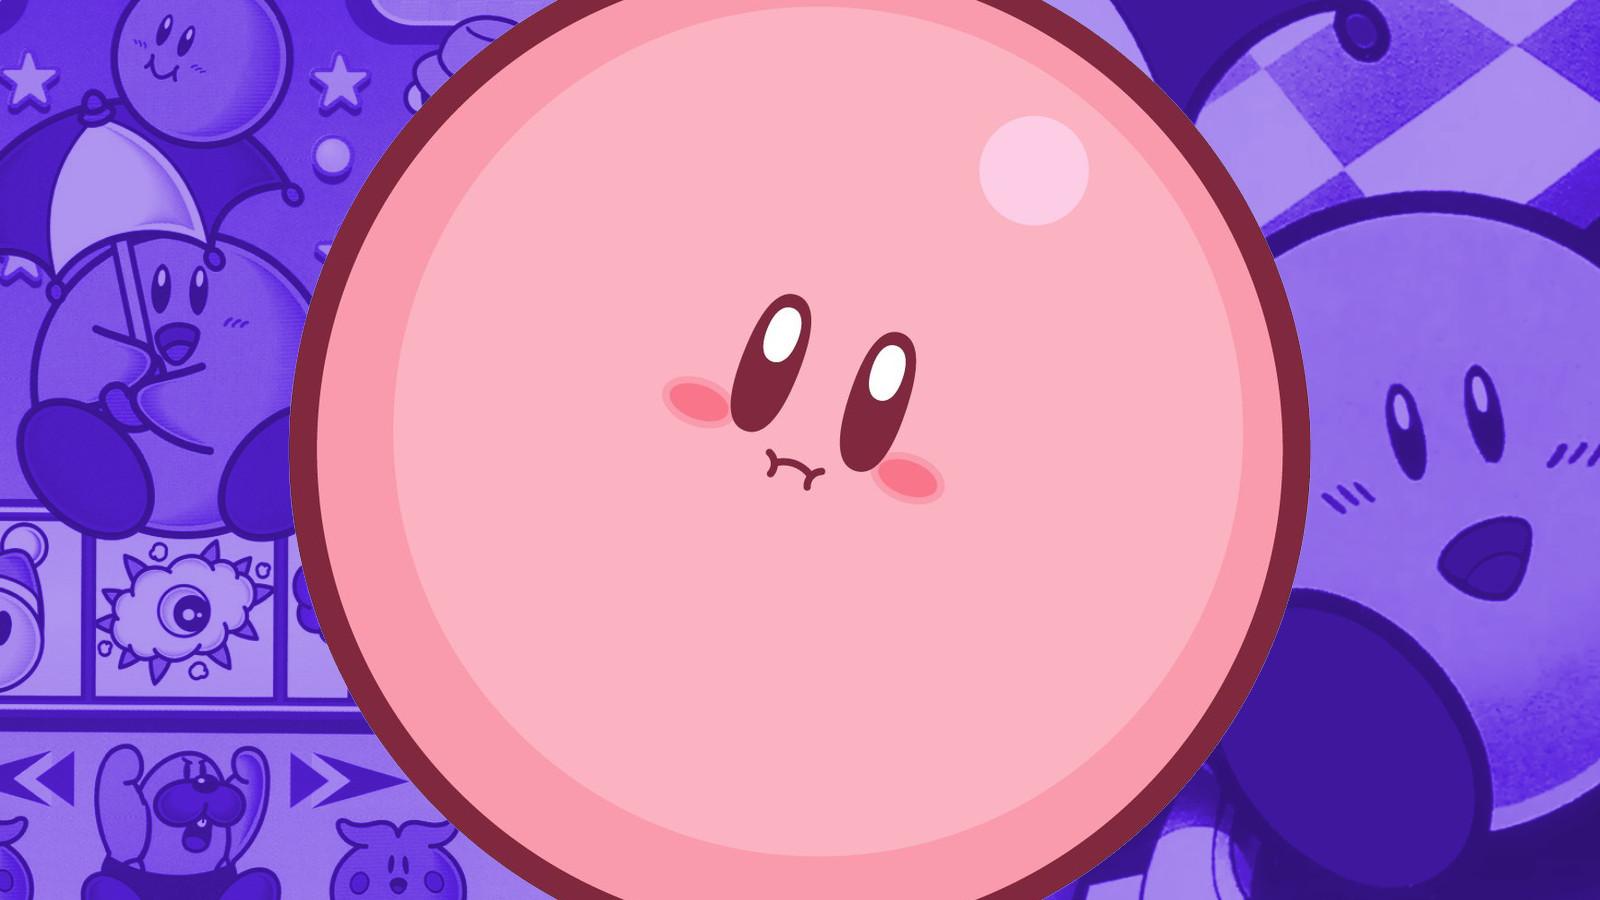 Kirby as a ball